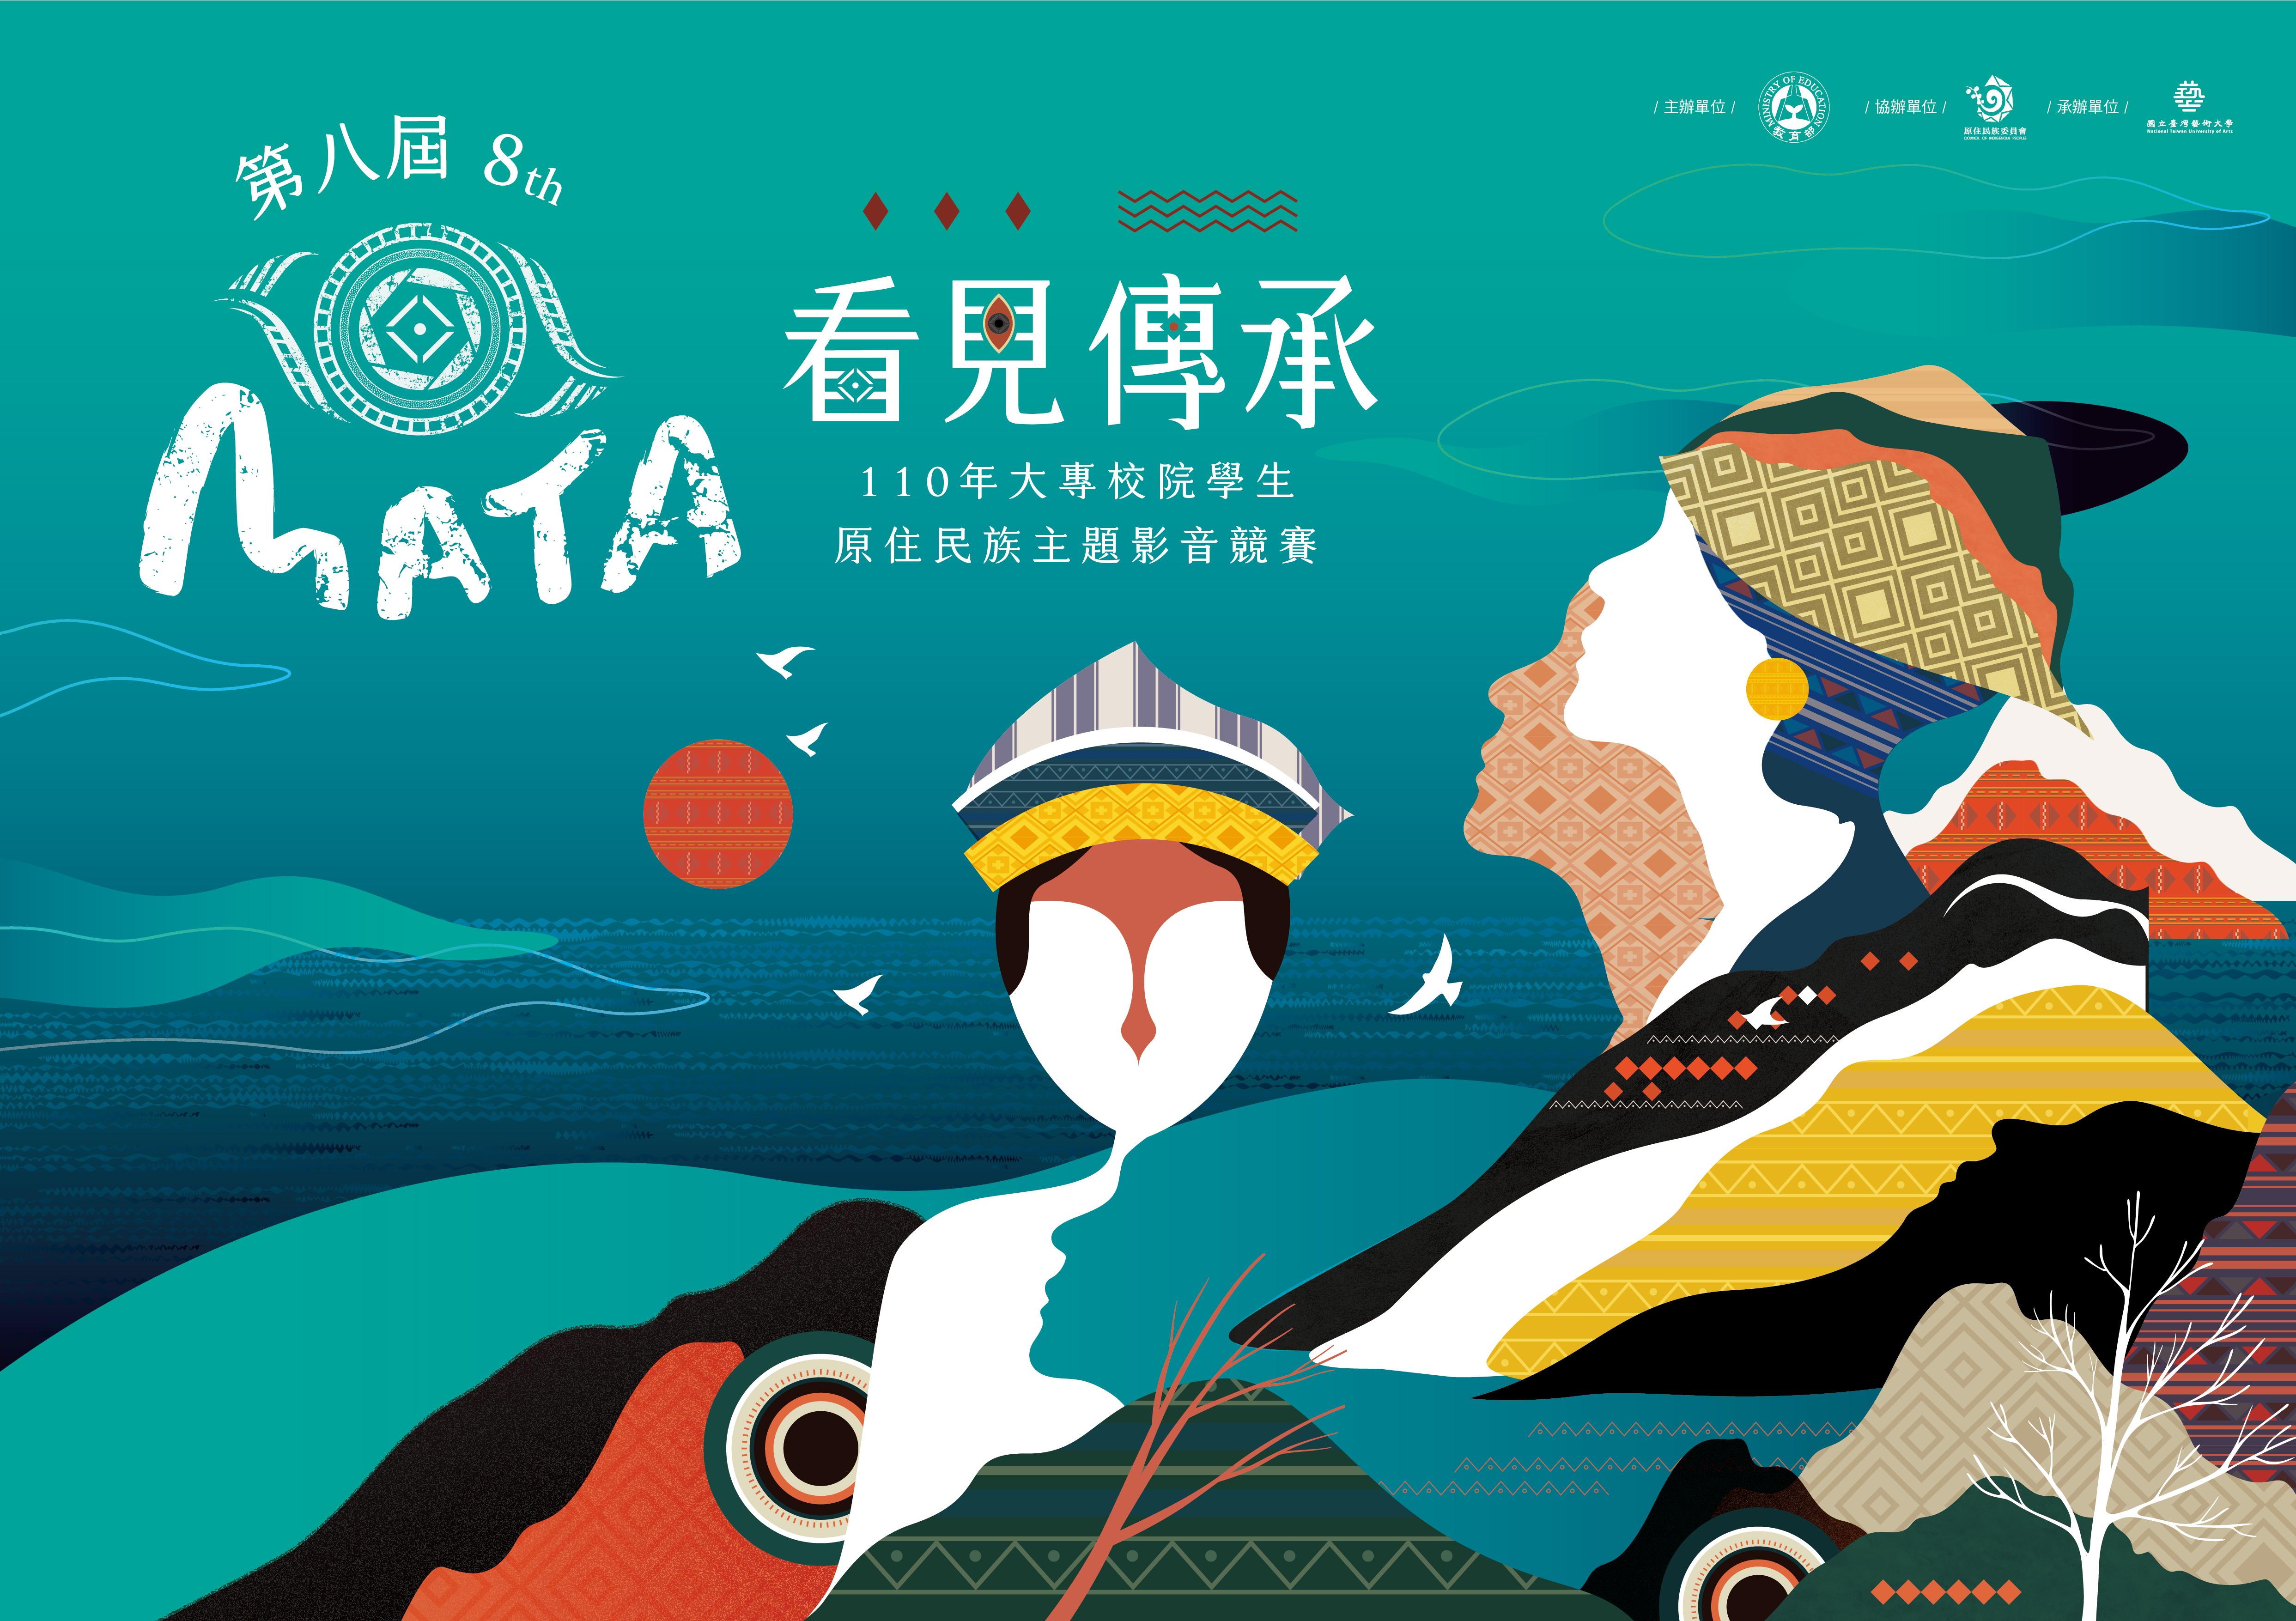 本屆設計理念透過圖地反轉的巧思,將視覺焦點聚集回到人與族群生命的扣連,並結合部落圖騰意象與大自然視覺符號,傳達臺灣原住民族歷史文化與山林、海洋、土地之間的相依及共生;同時,祖靈之眼與活動名稱「MATA」(眼睛)的意義相互呼應,意謂MATA獎持續透過影像,記錄民族的生命故事,一如飛鷹勇於穿越古老的神話與當代的挑戰,翱翔在宇宙天際,歌頌著MATA獎的精神「看見傳承」。_大圖